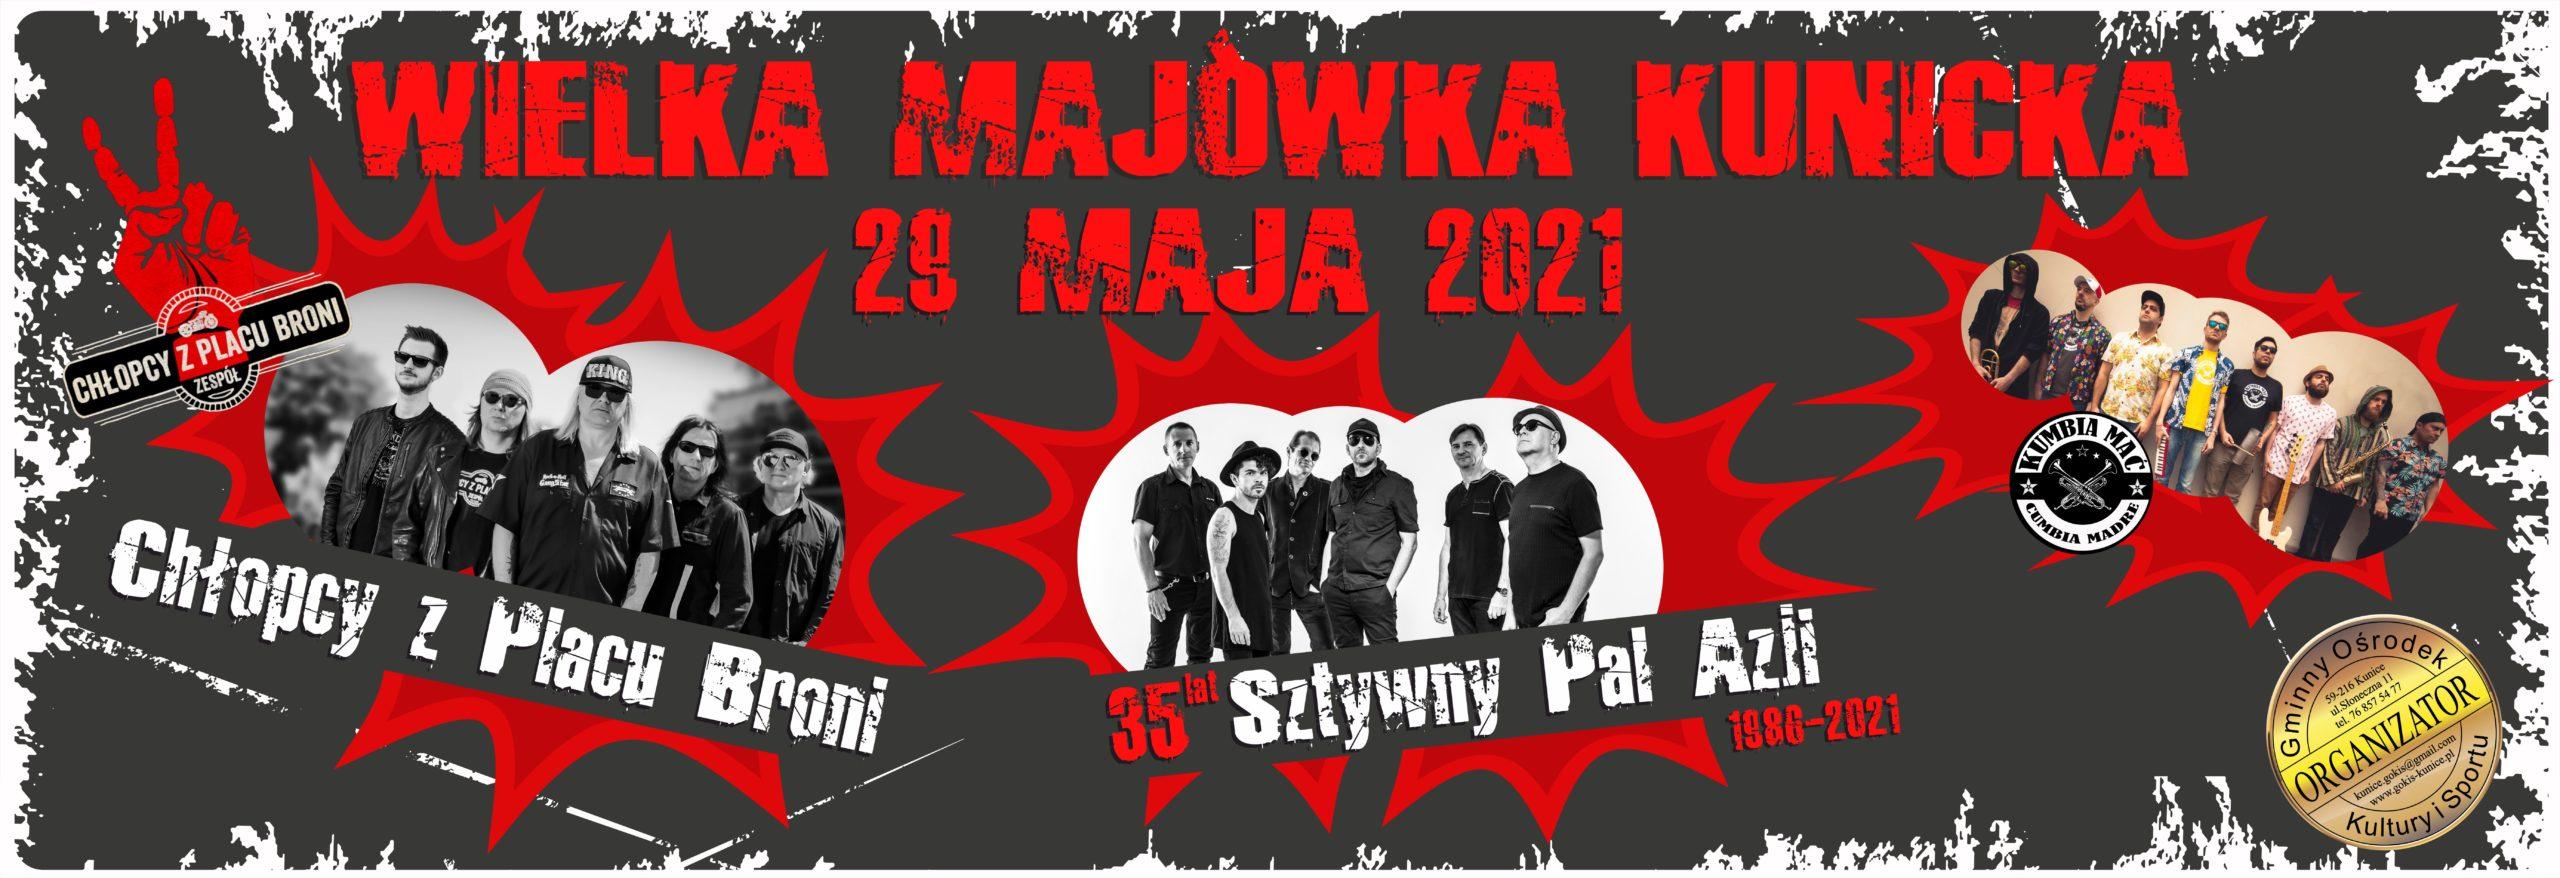 http://www.gokis-kunice.pl/imprezy/majowka-kunicka/